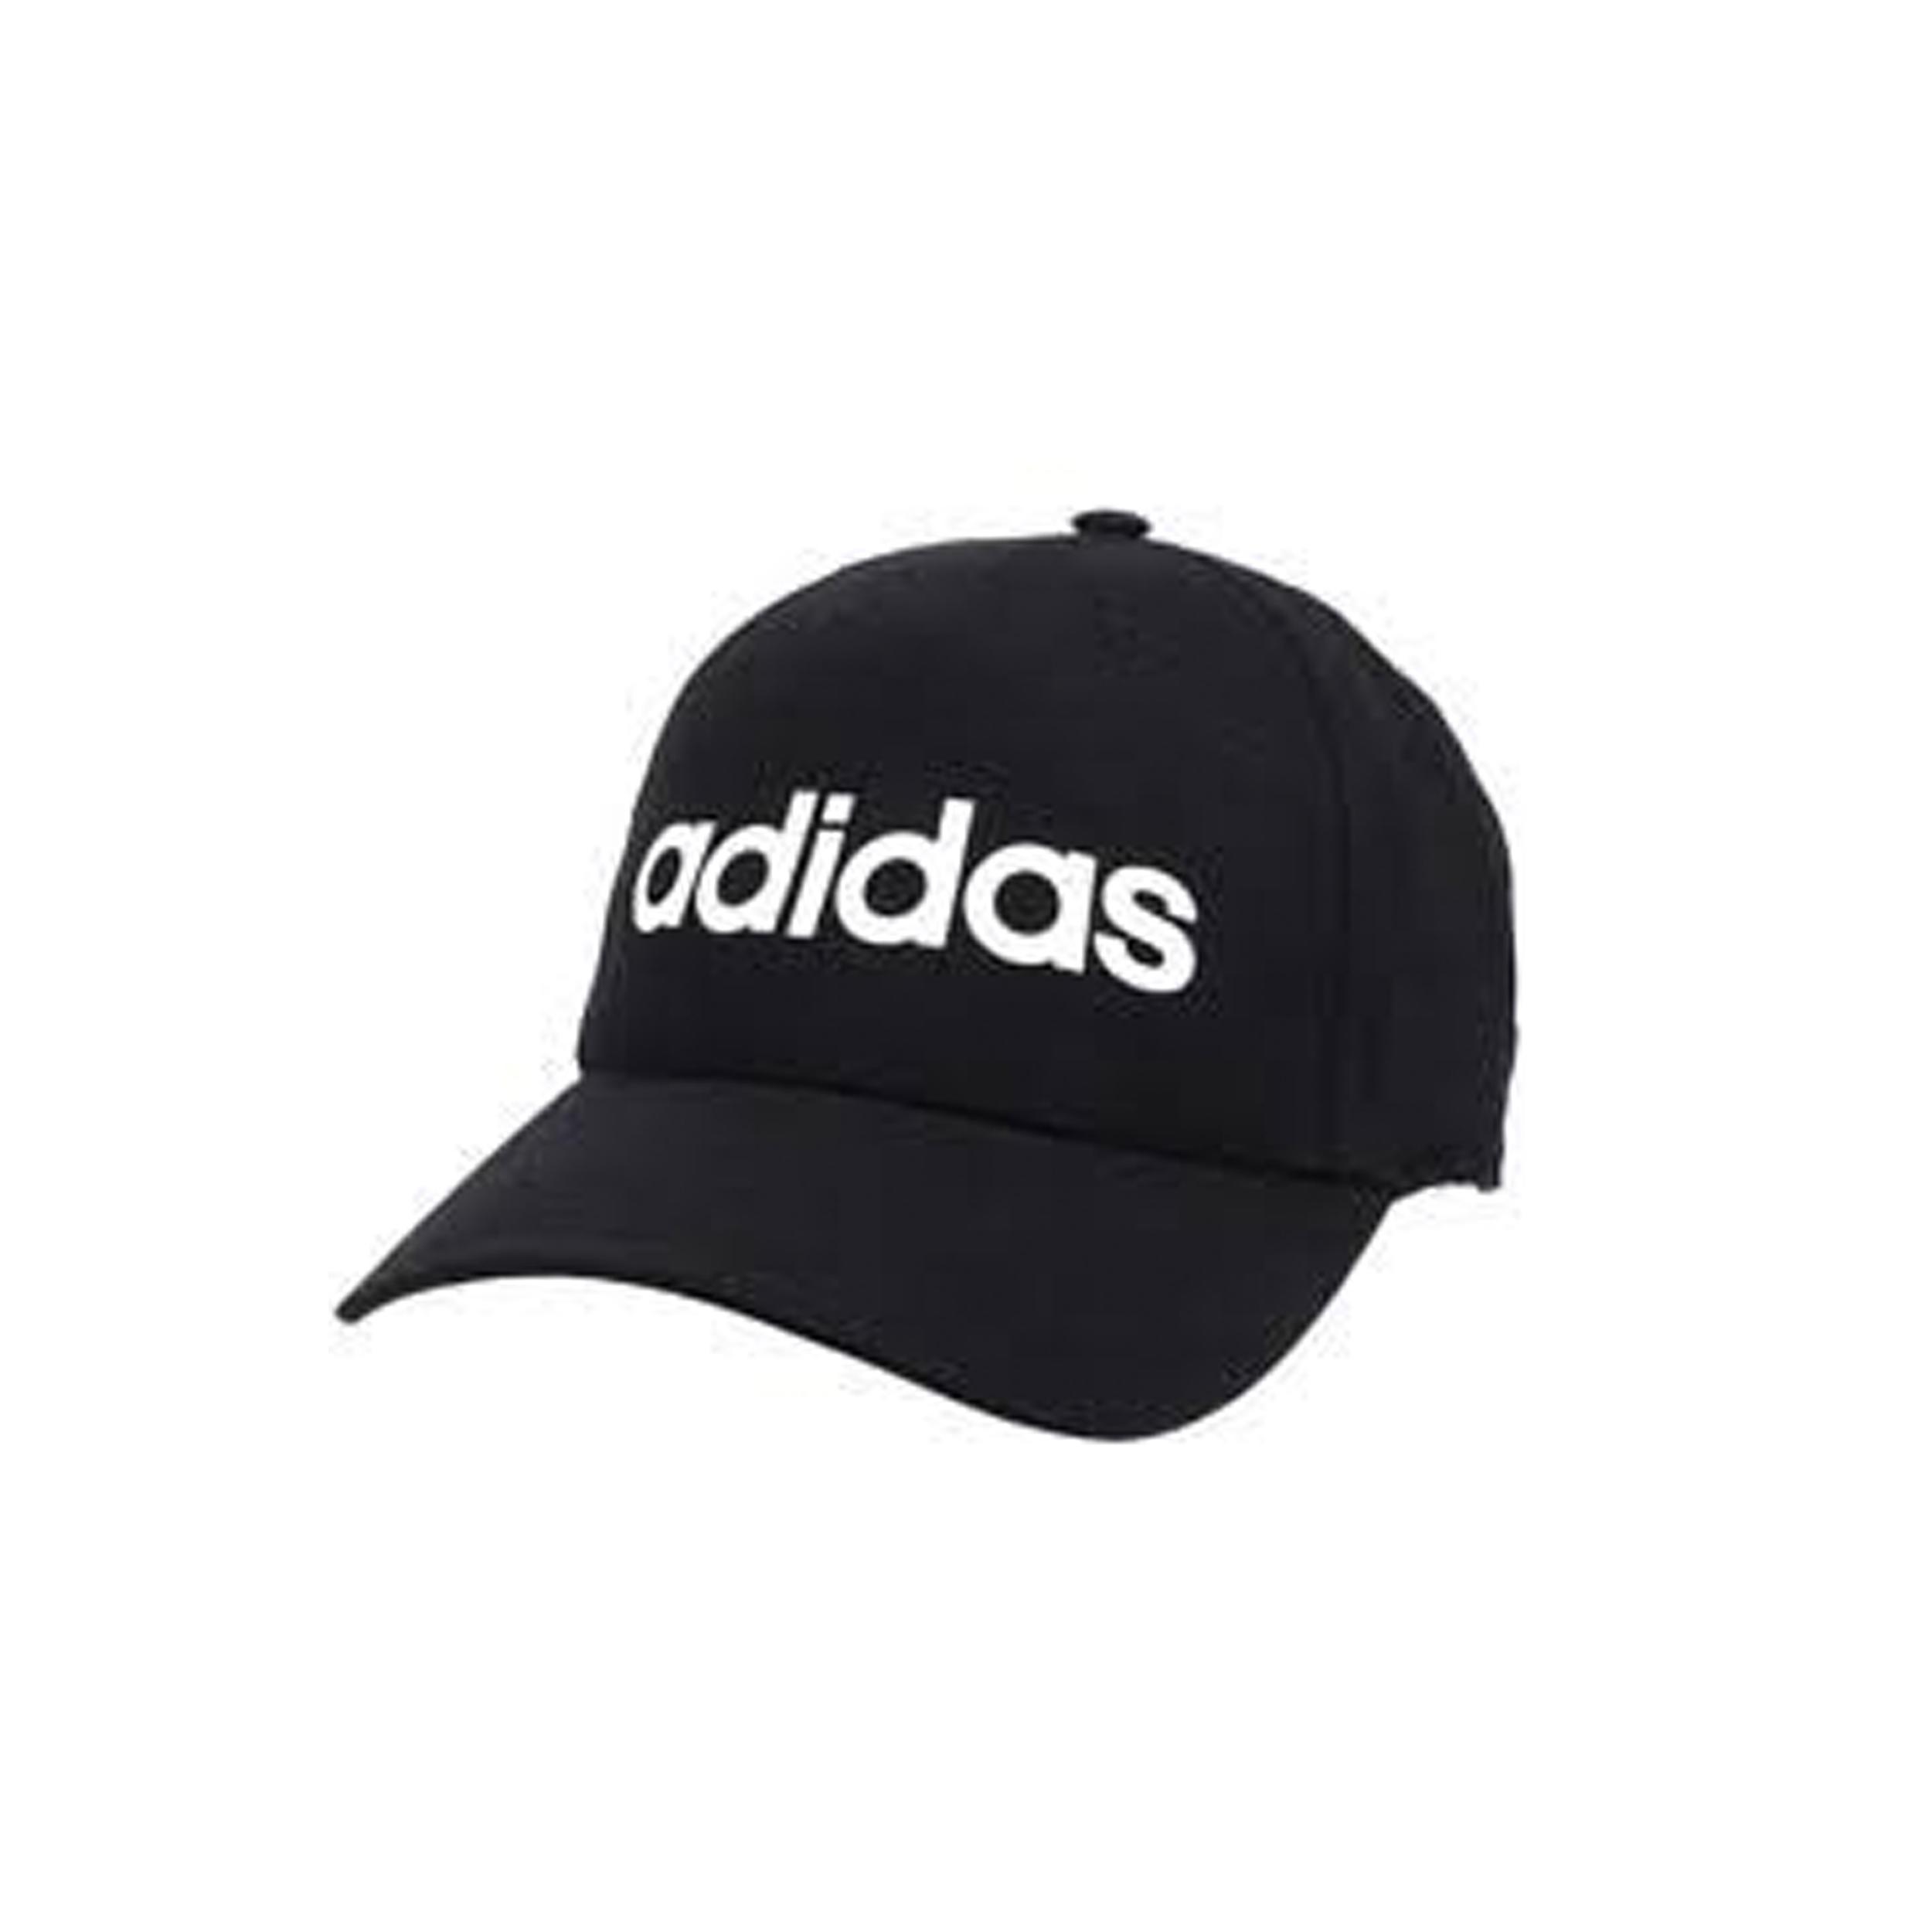 Schirmmütze Adidas schwarz